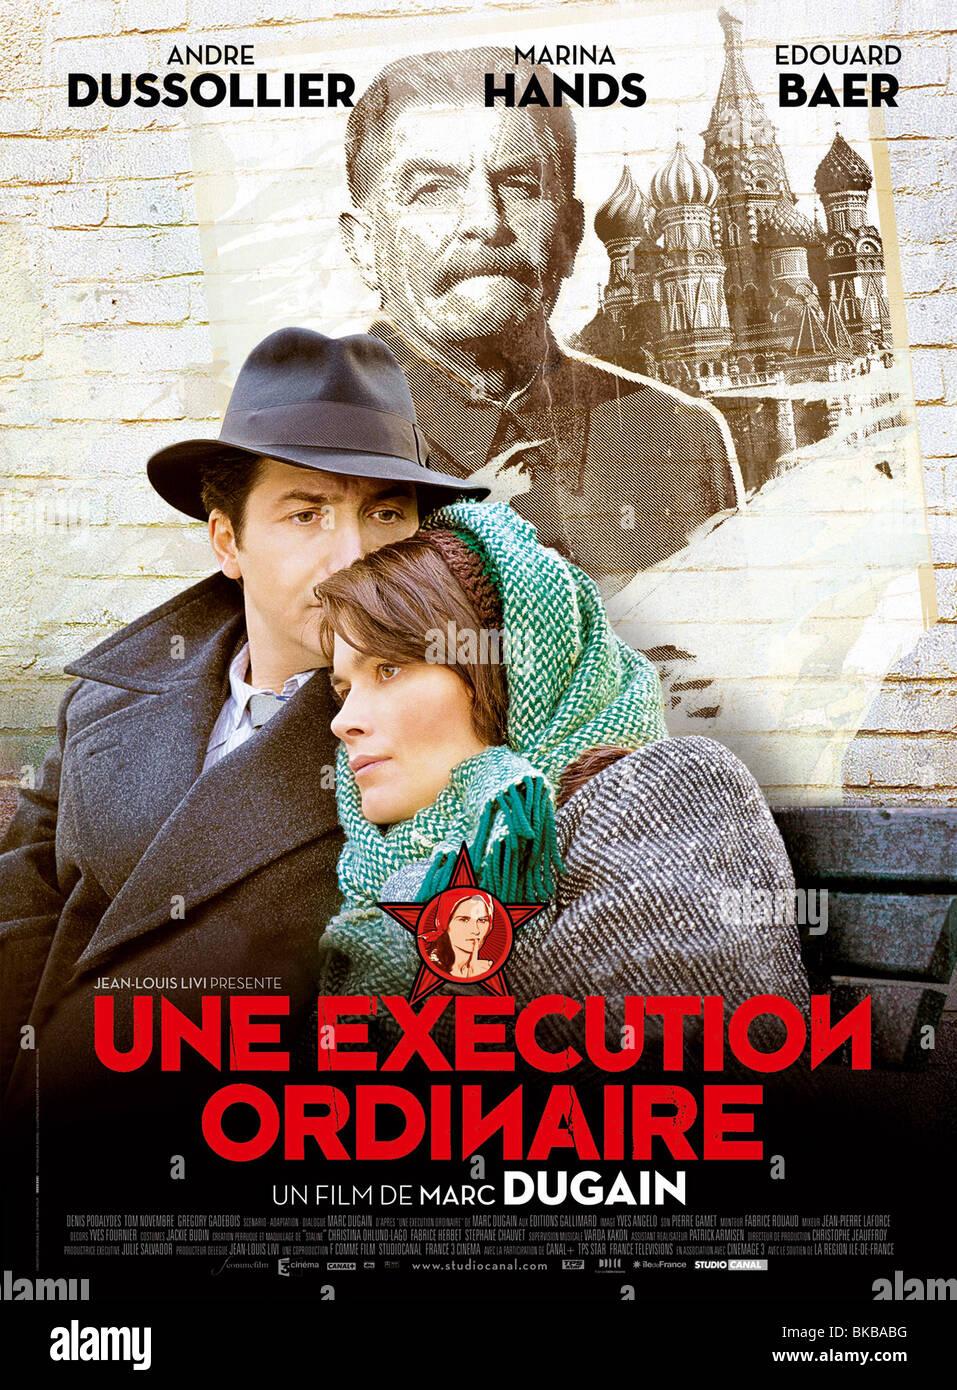 Une exécution ordinaire Anno : 2010 Direttore : Marc Dugain Eduard Baer, Marina mani poster del filmato (Fr) Immagini Stock